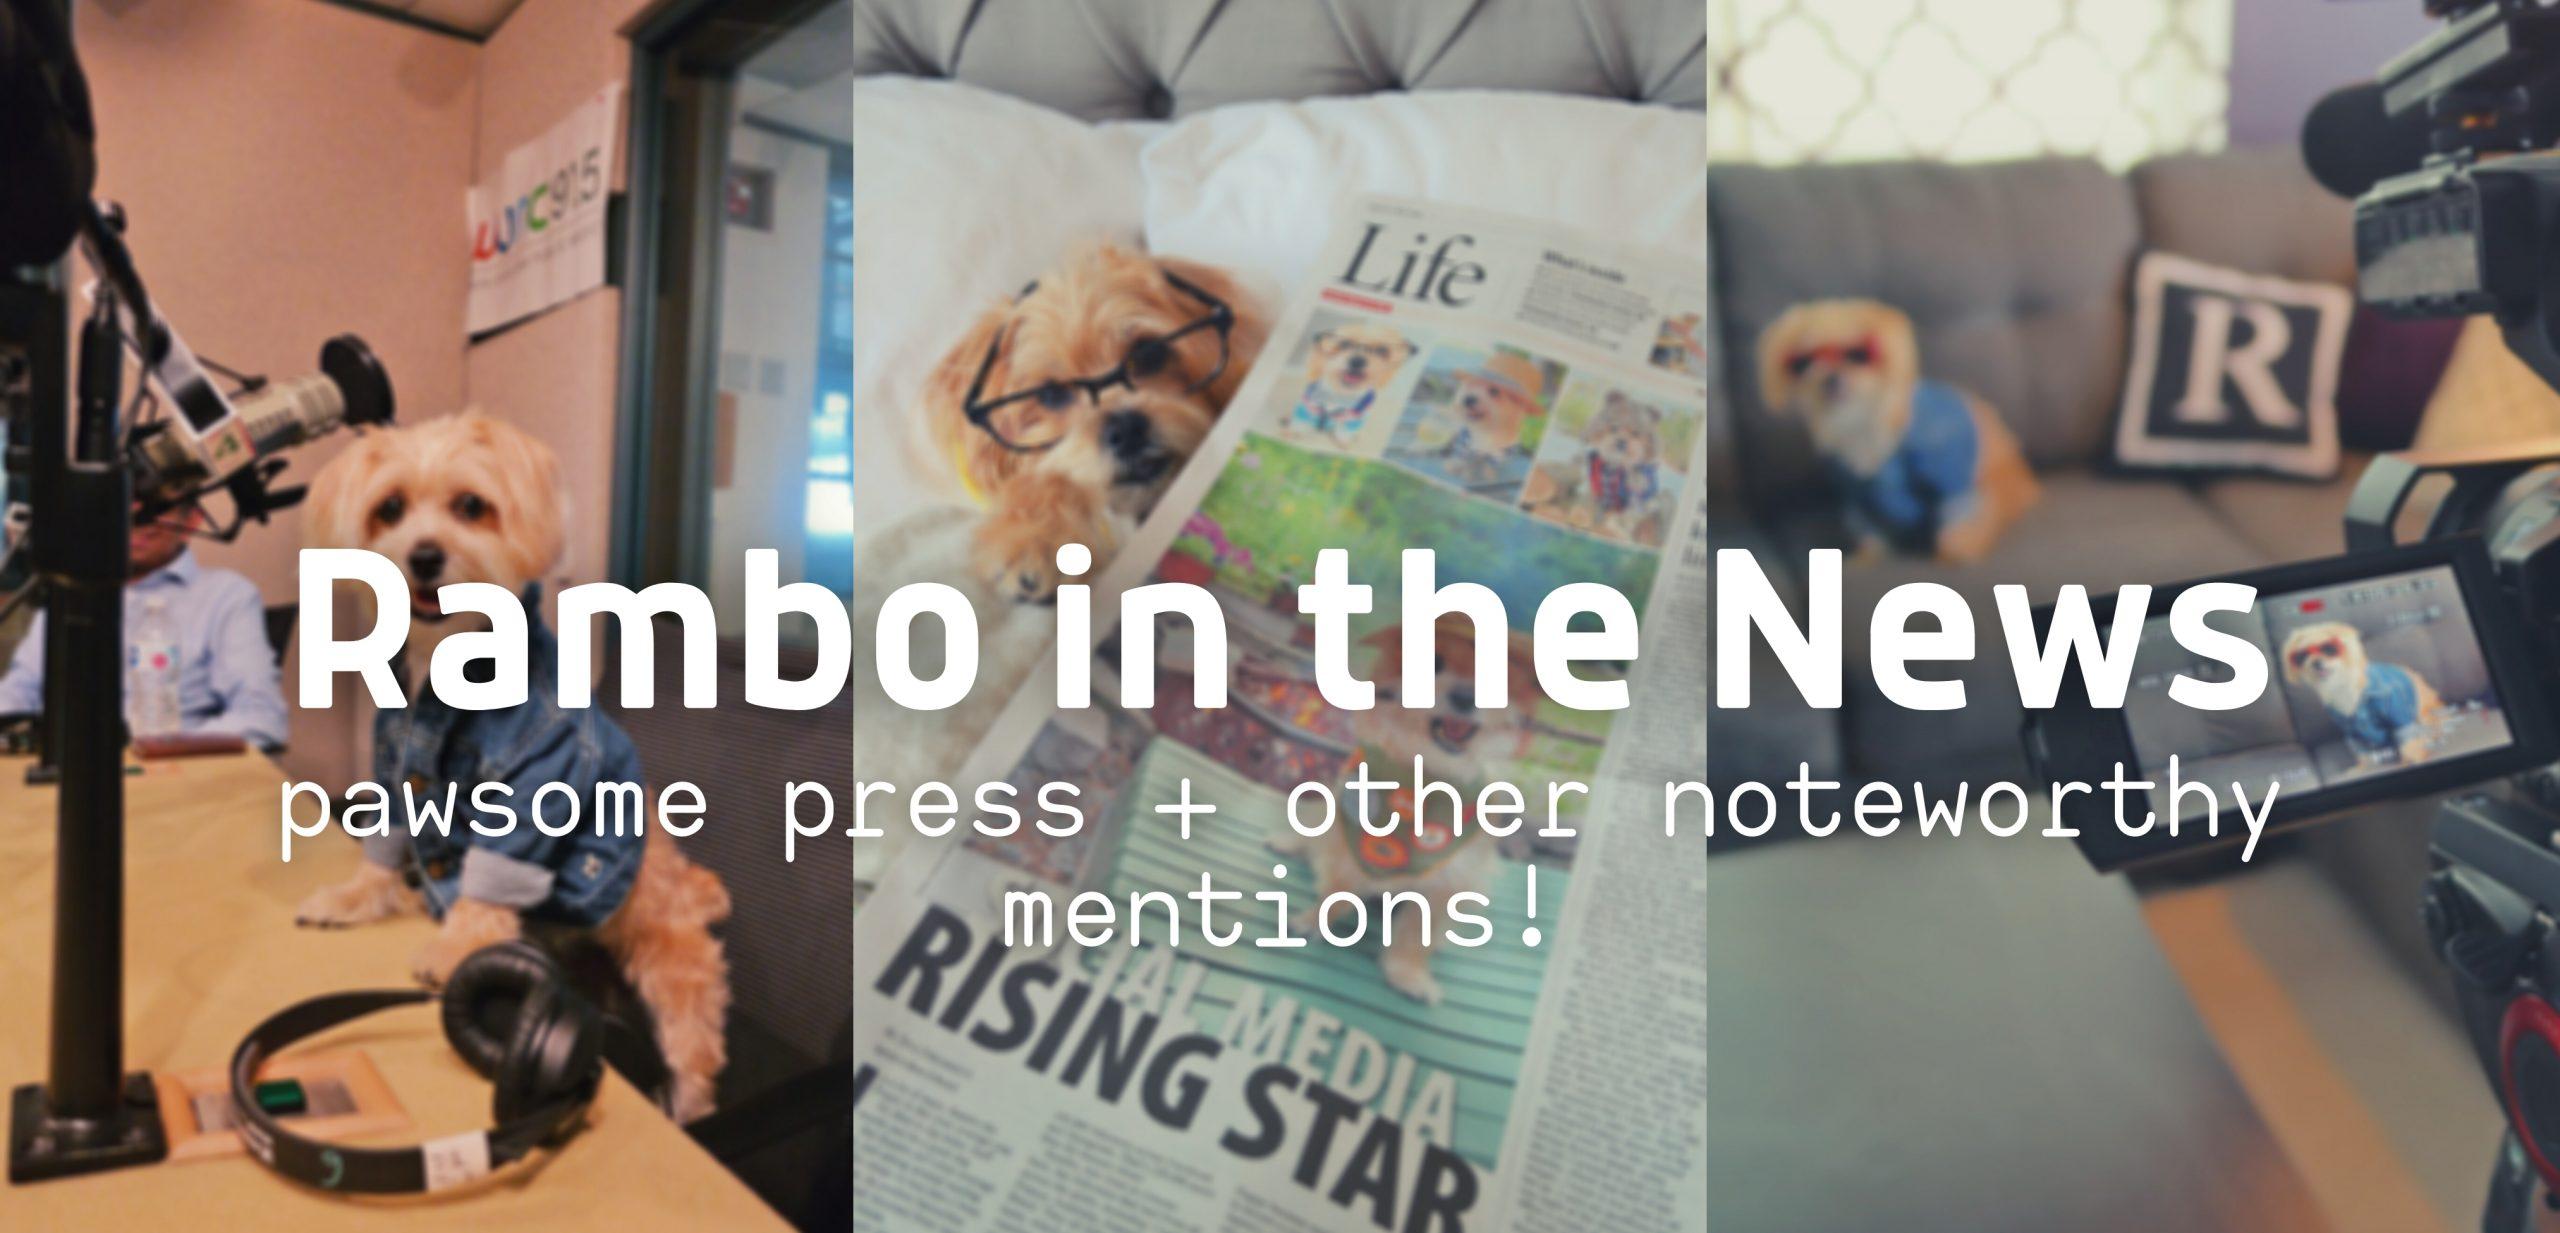 Rambo in the News